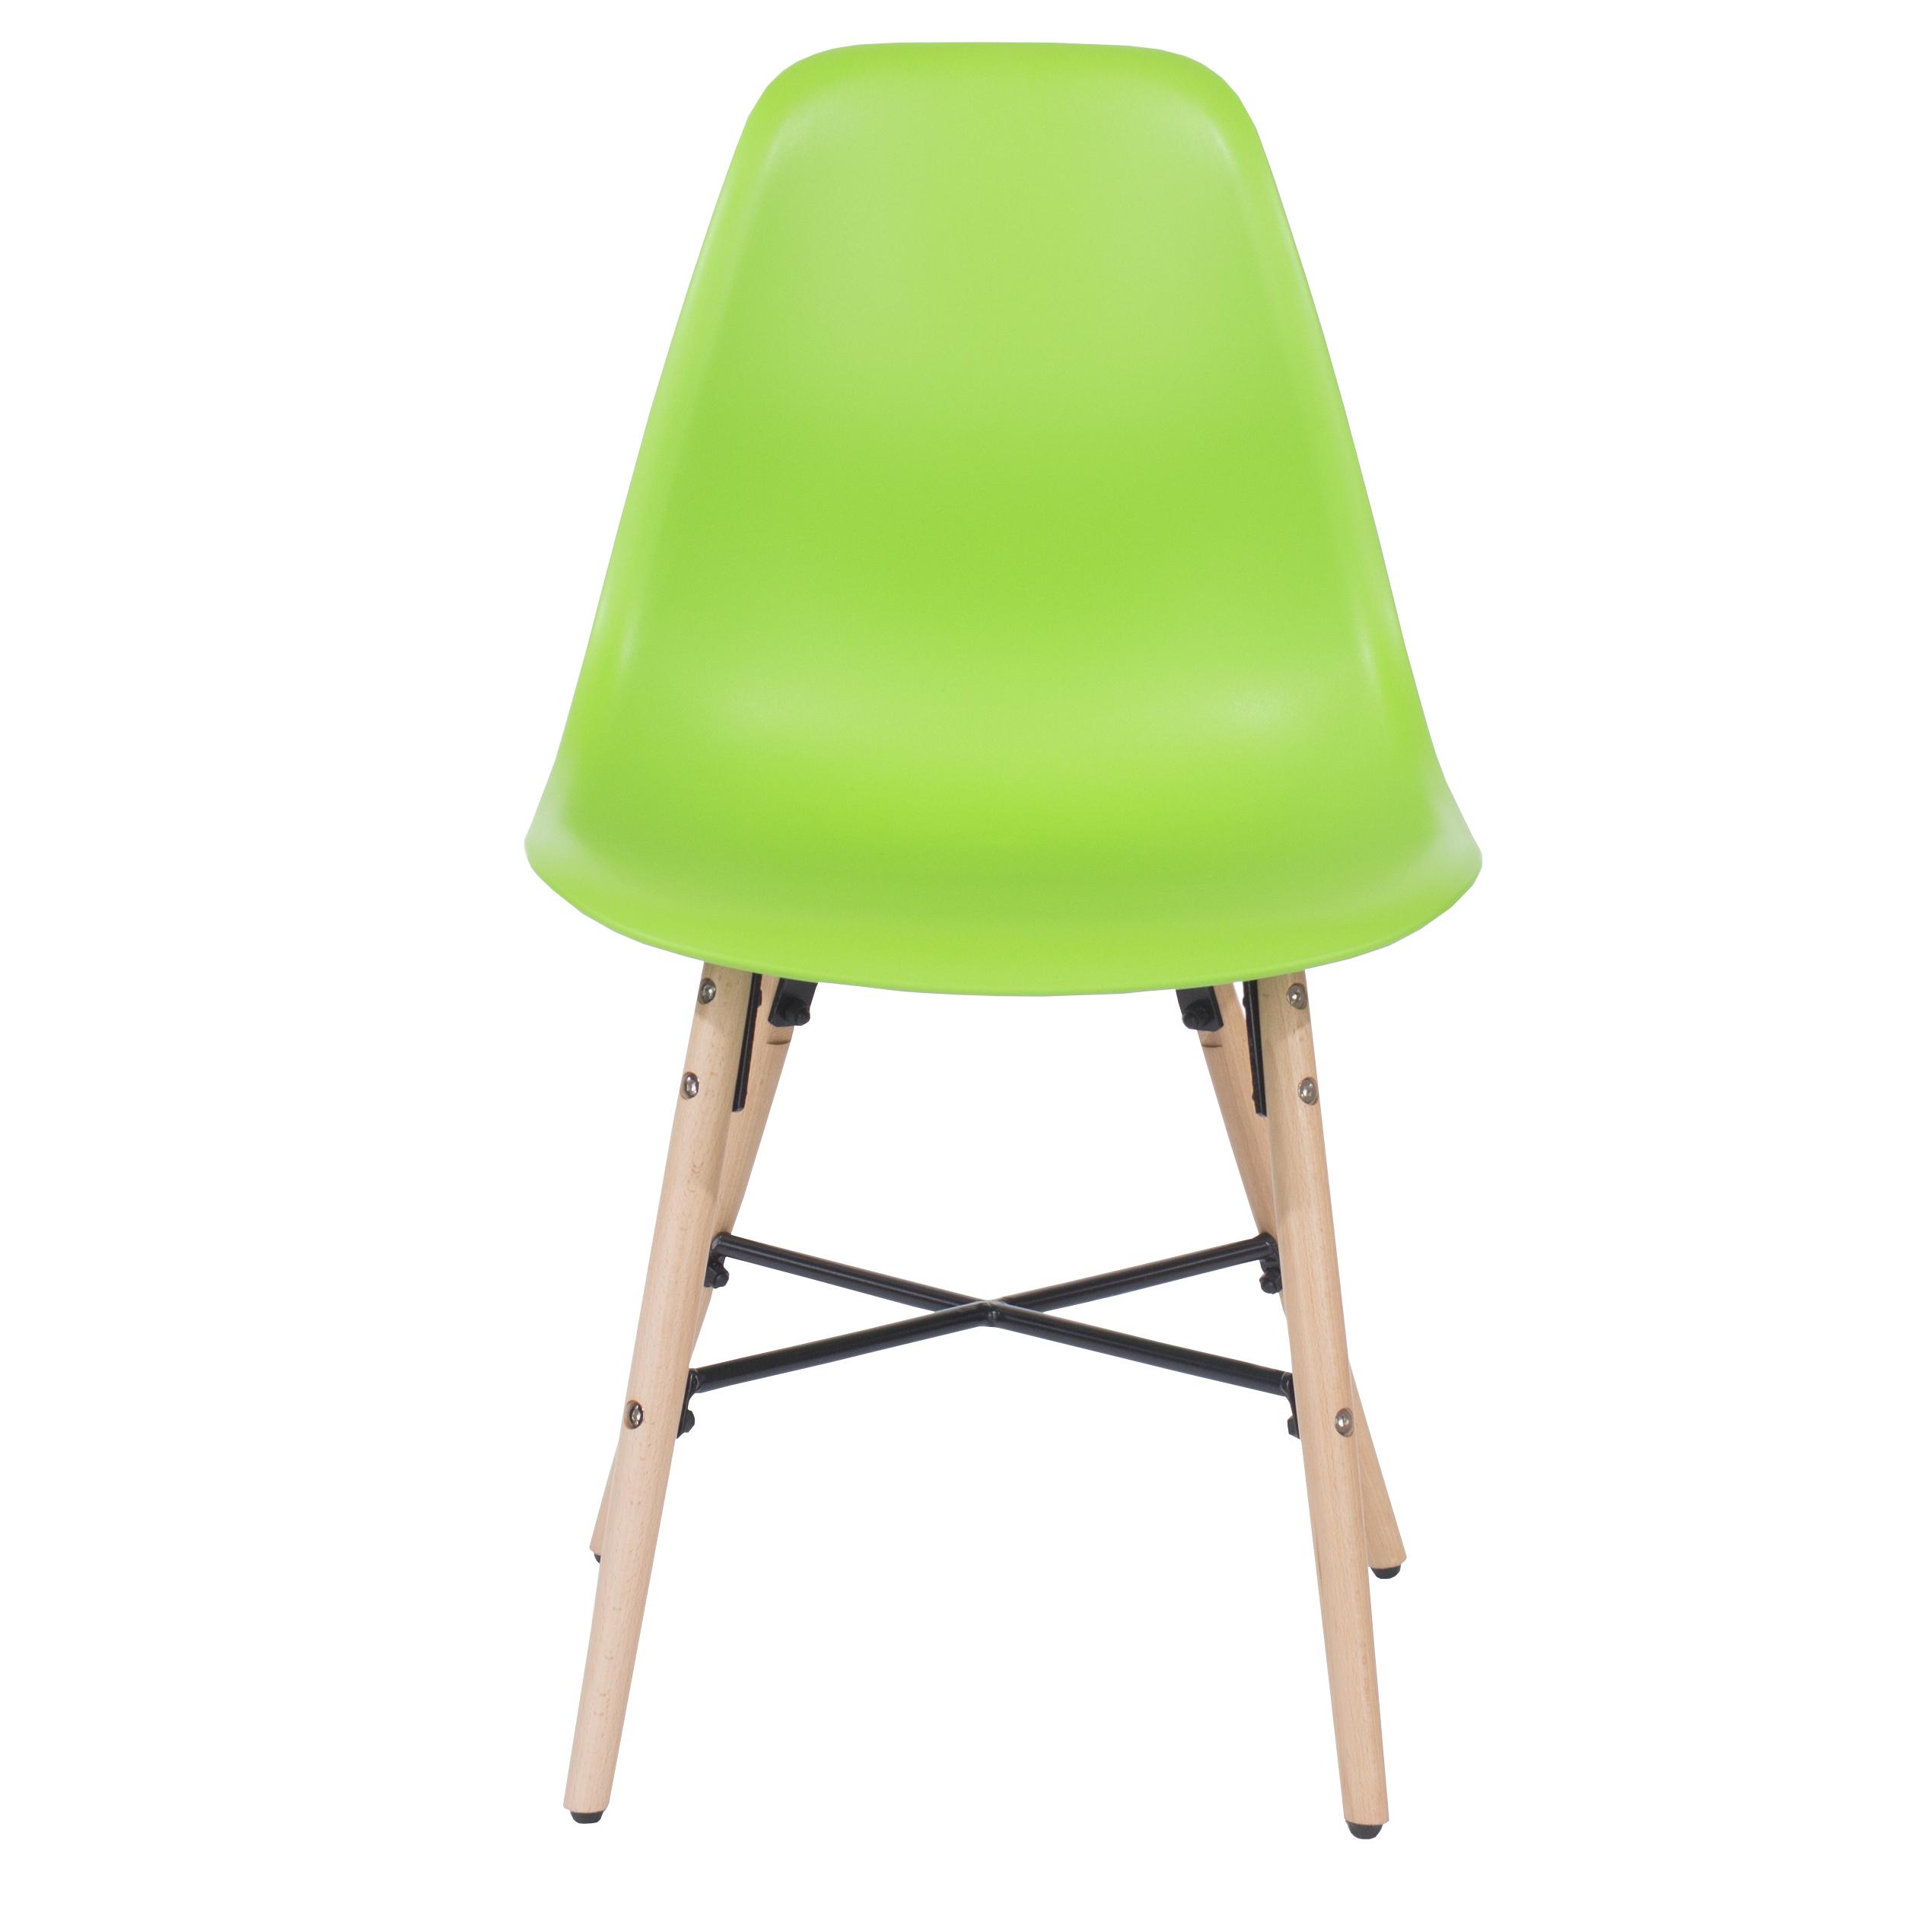 green plastic chair, wood legs & metal cross rail (order in pairs)